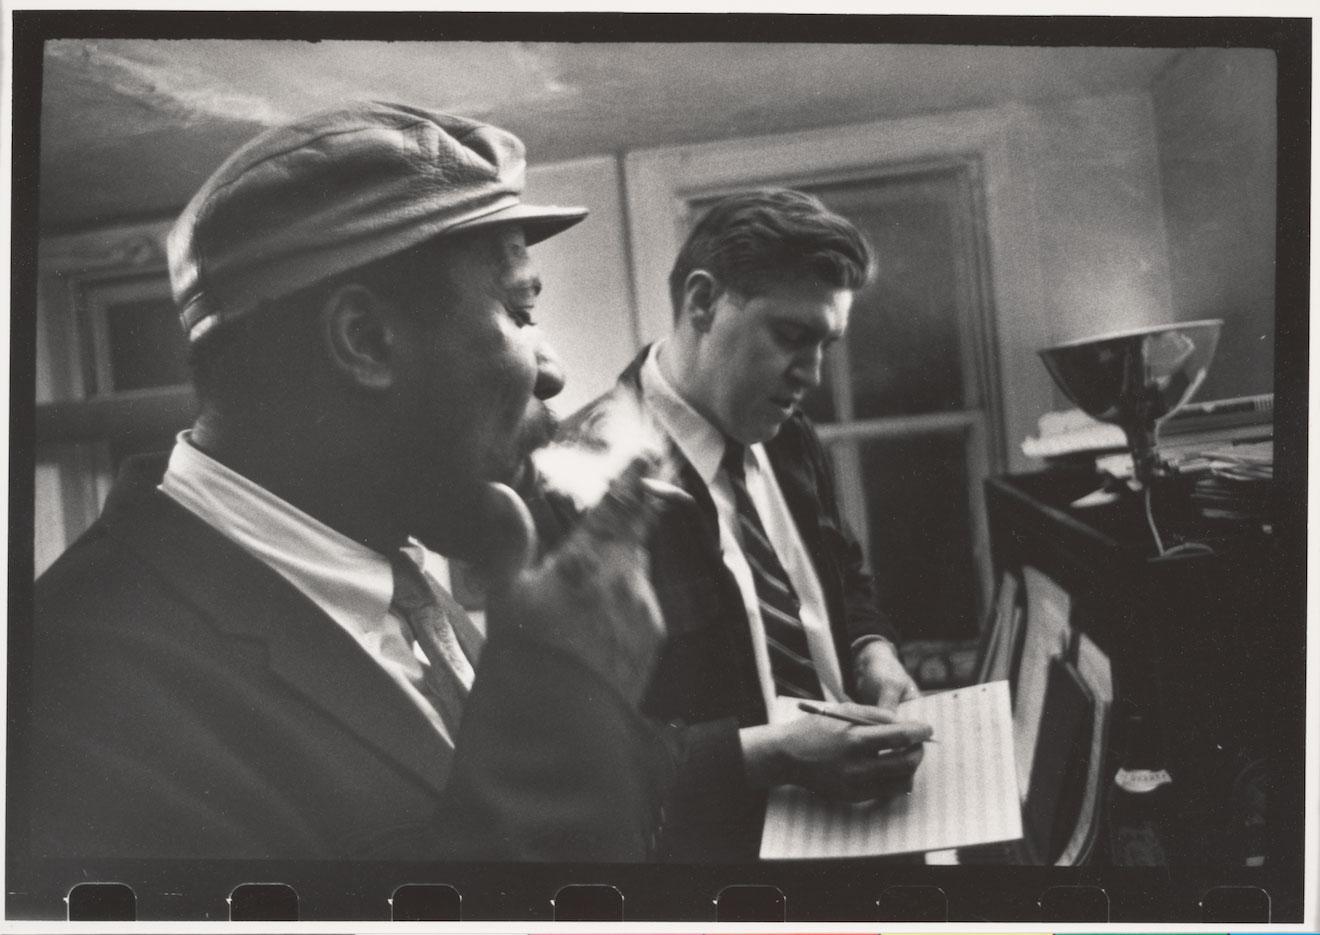 Thelonious Monk et Hall Overton  Photo  W. Eugene Smith.